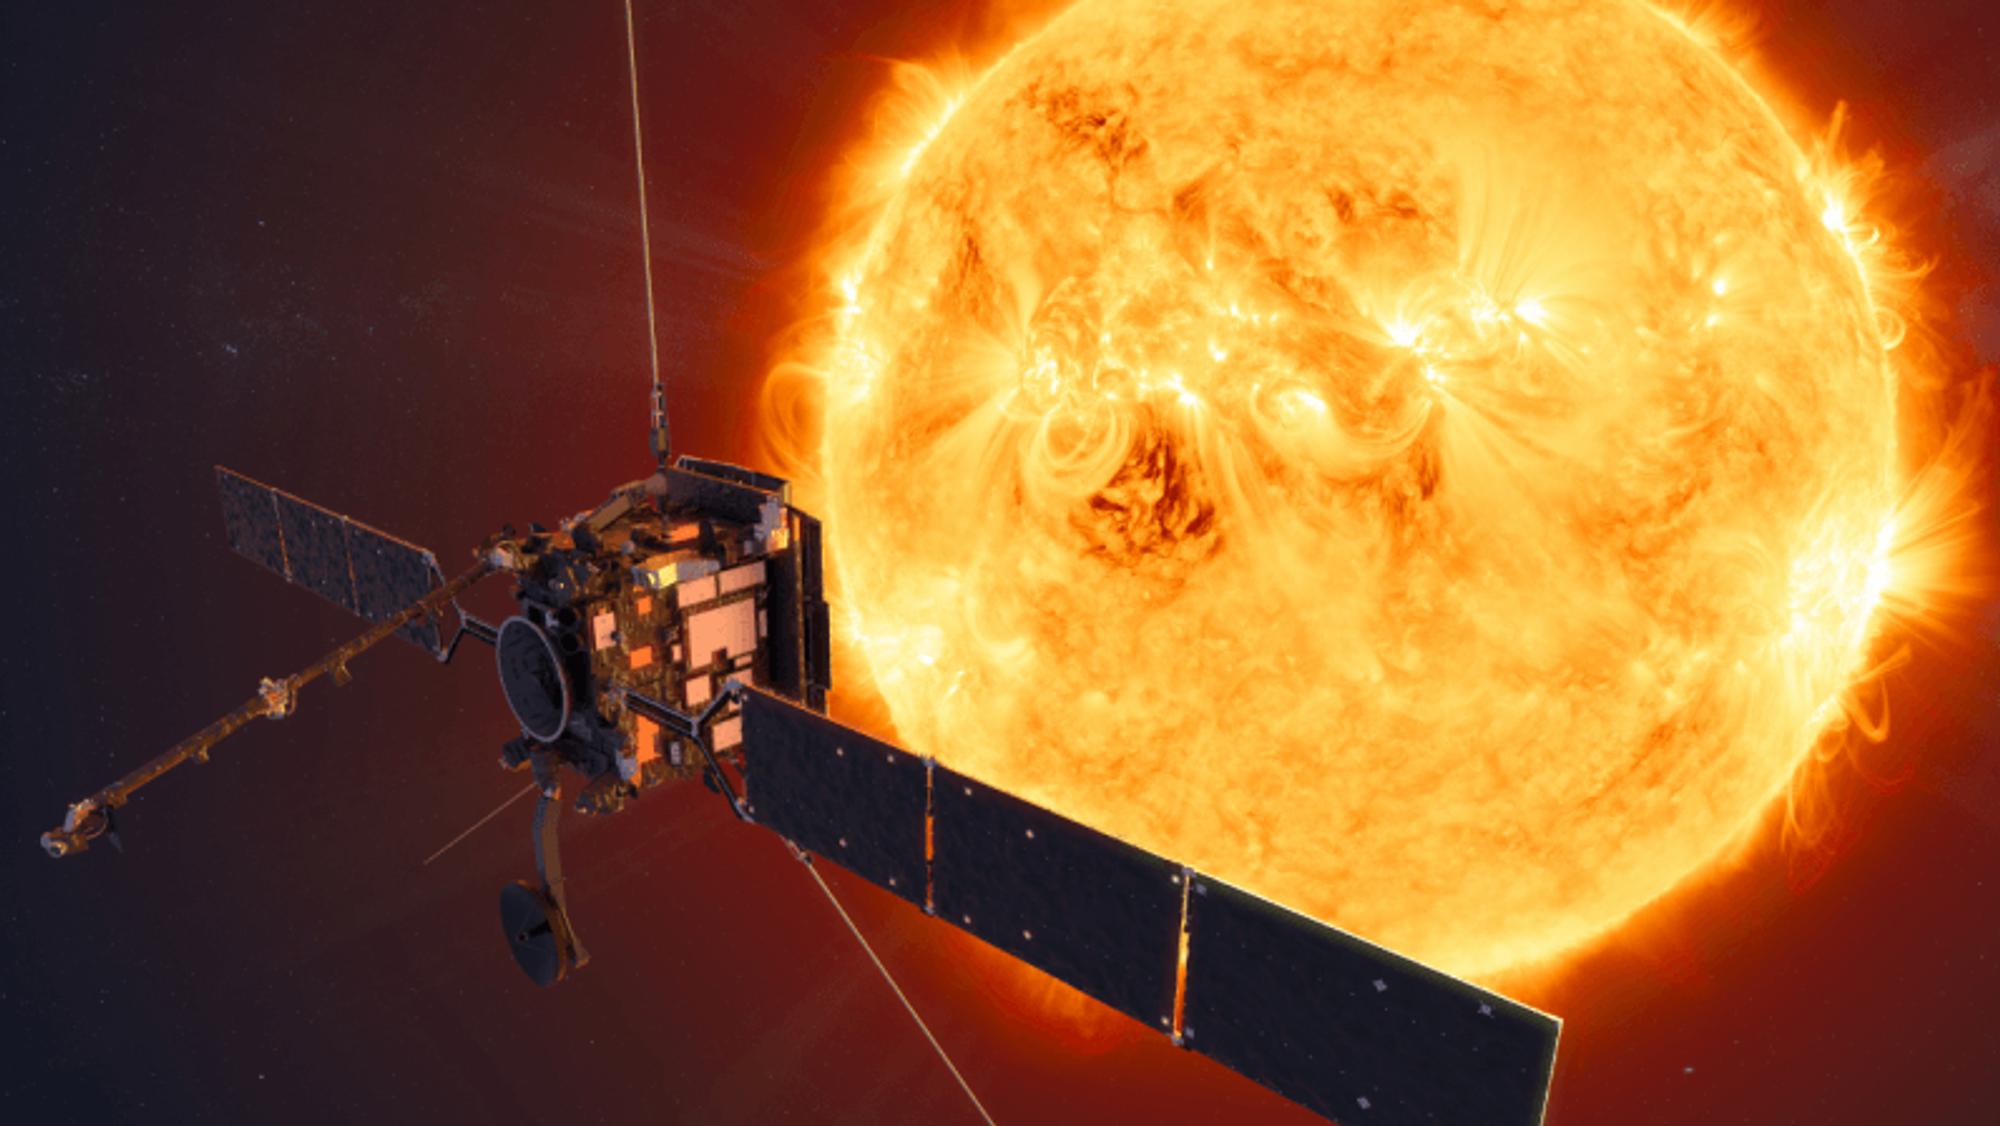 Solar Orbiter skal gå i en bane som gir bedre oversikt over solas poler. Dermed skal vi få mer kunnskaper om sola, og bedre kunne forutsi solstormer som påvirker strømnett nede på jorda.